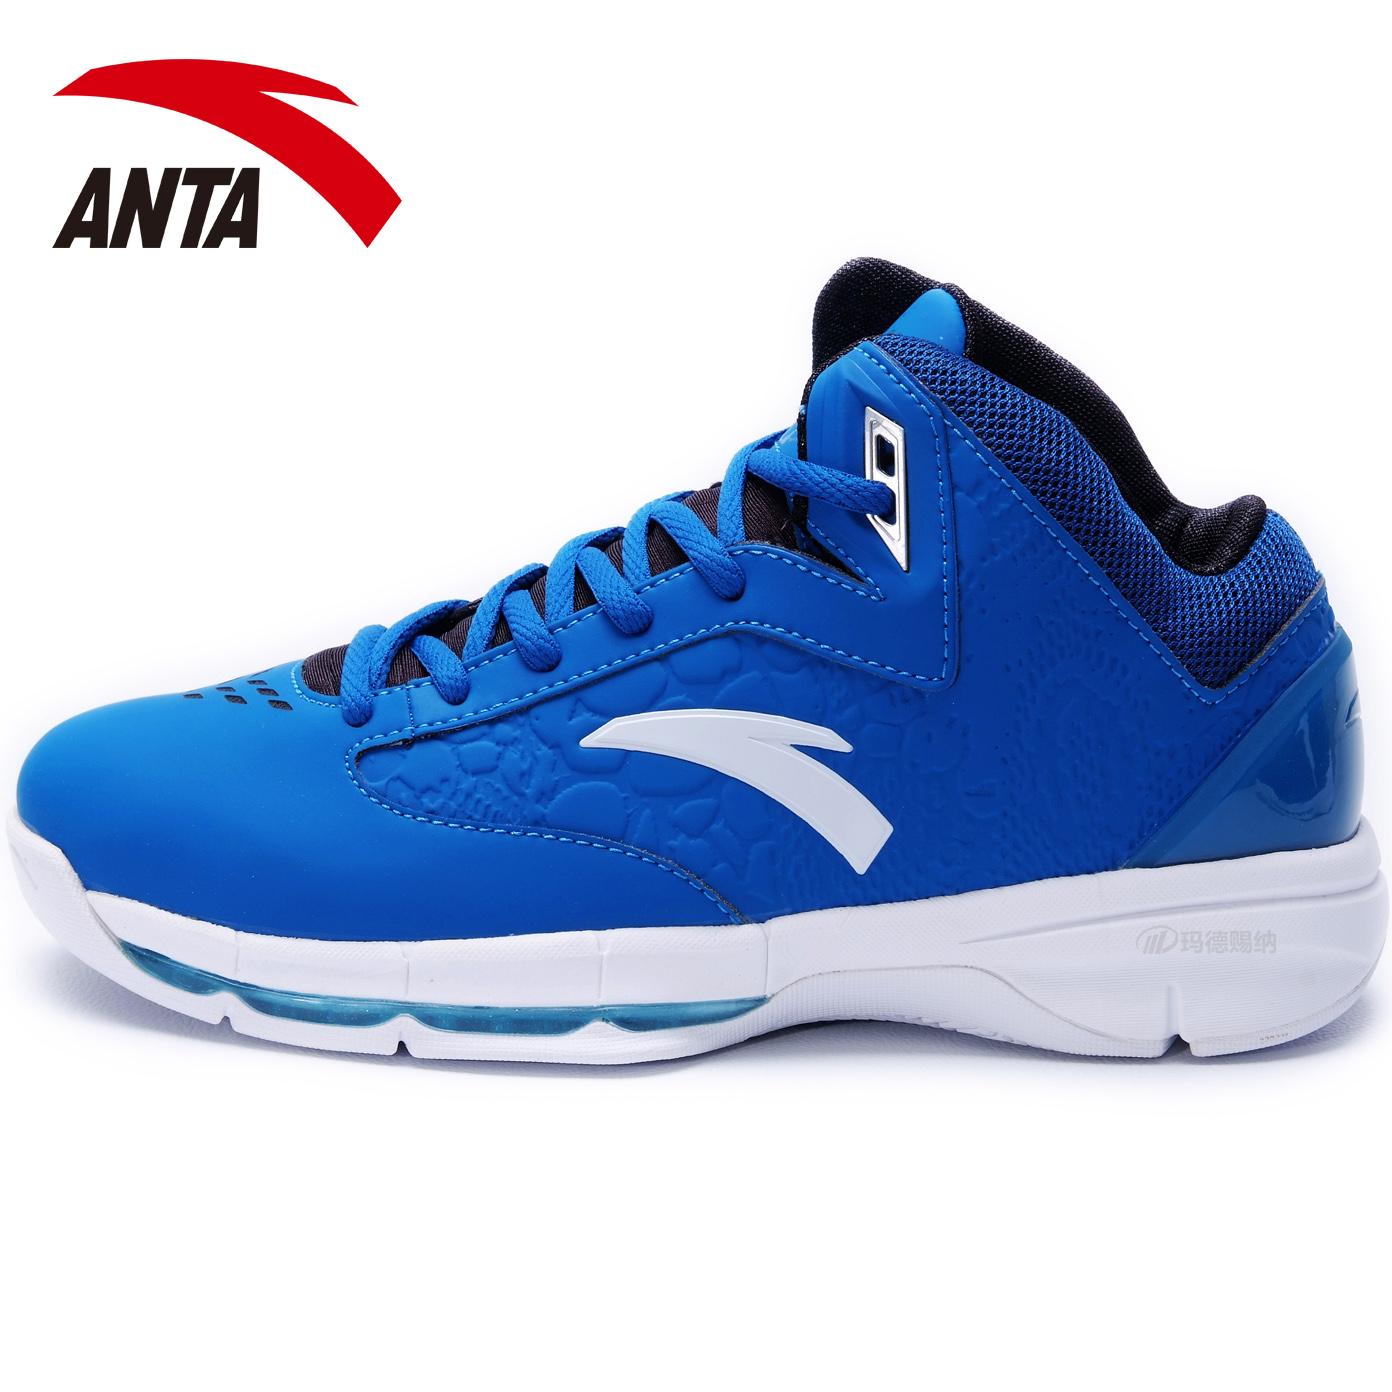 安踏 篮球鞋正品 2012新品弹力胶减震耐磨 男鞋 运动鞋 91231124